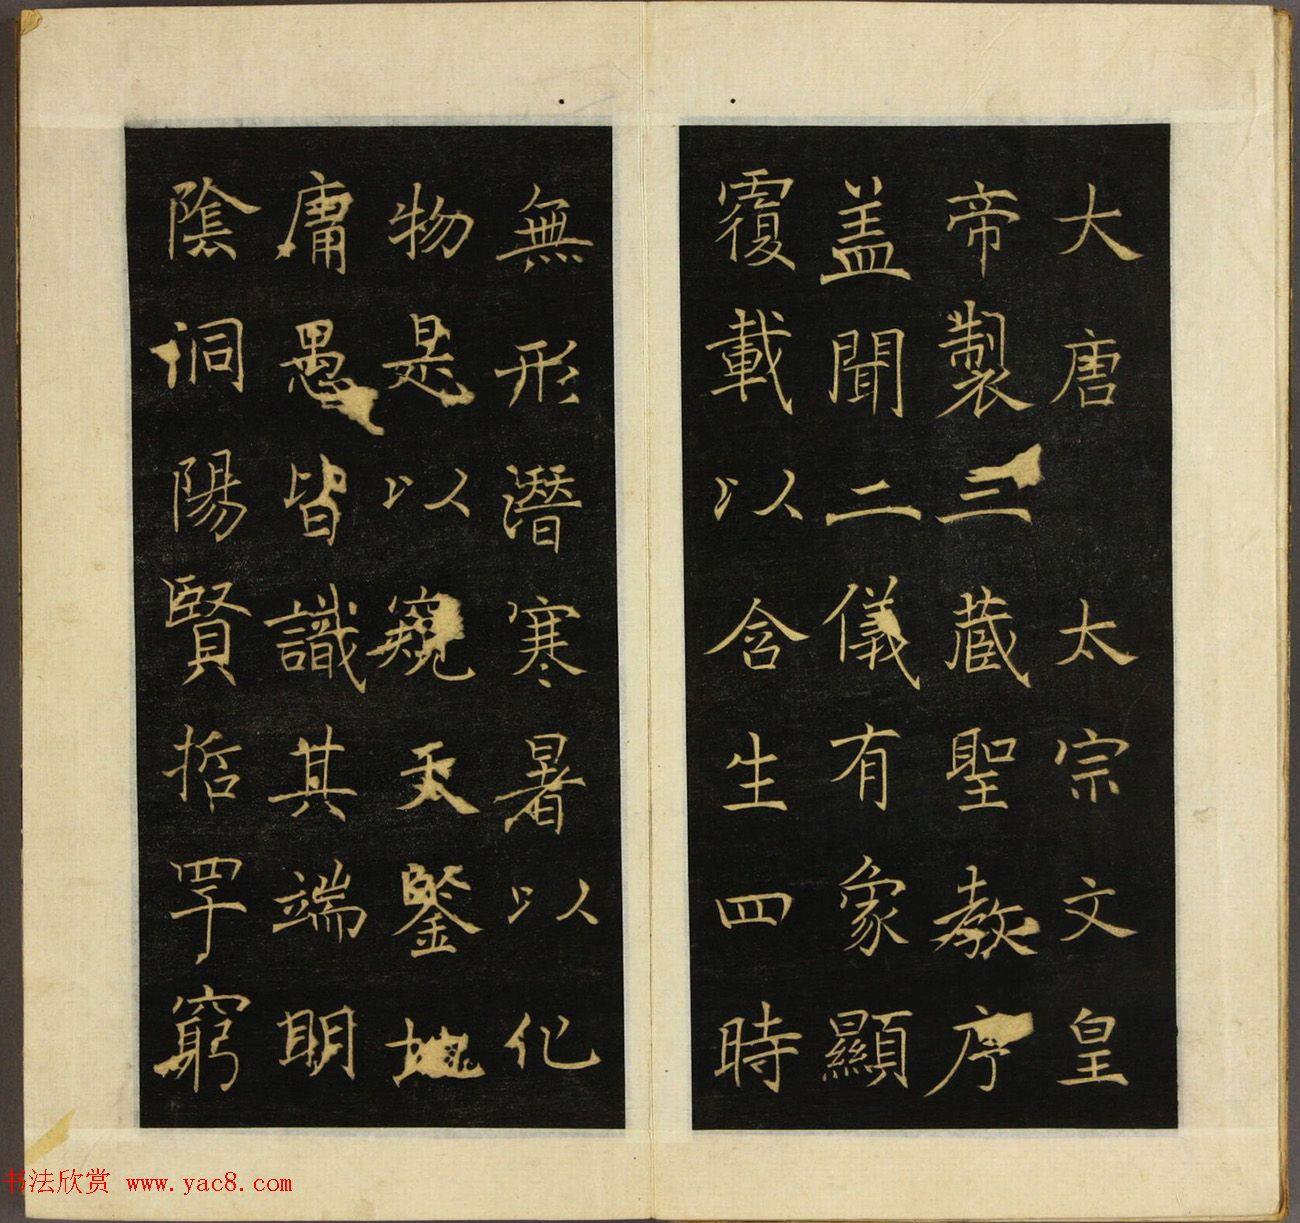 褚遂良书《三藏圣教序》早稲田大学藏本